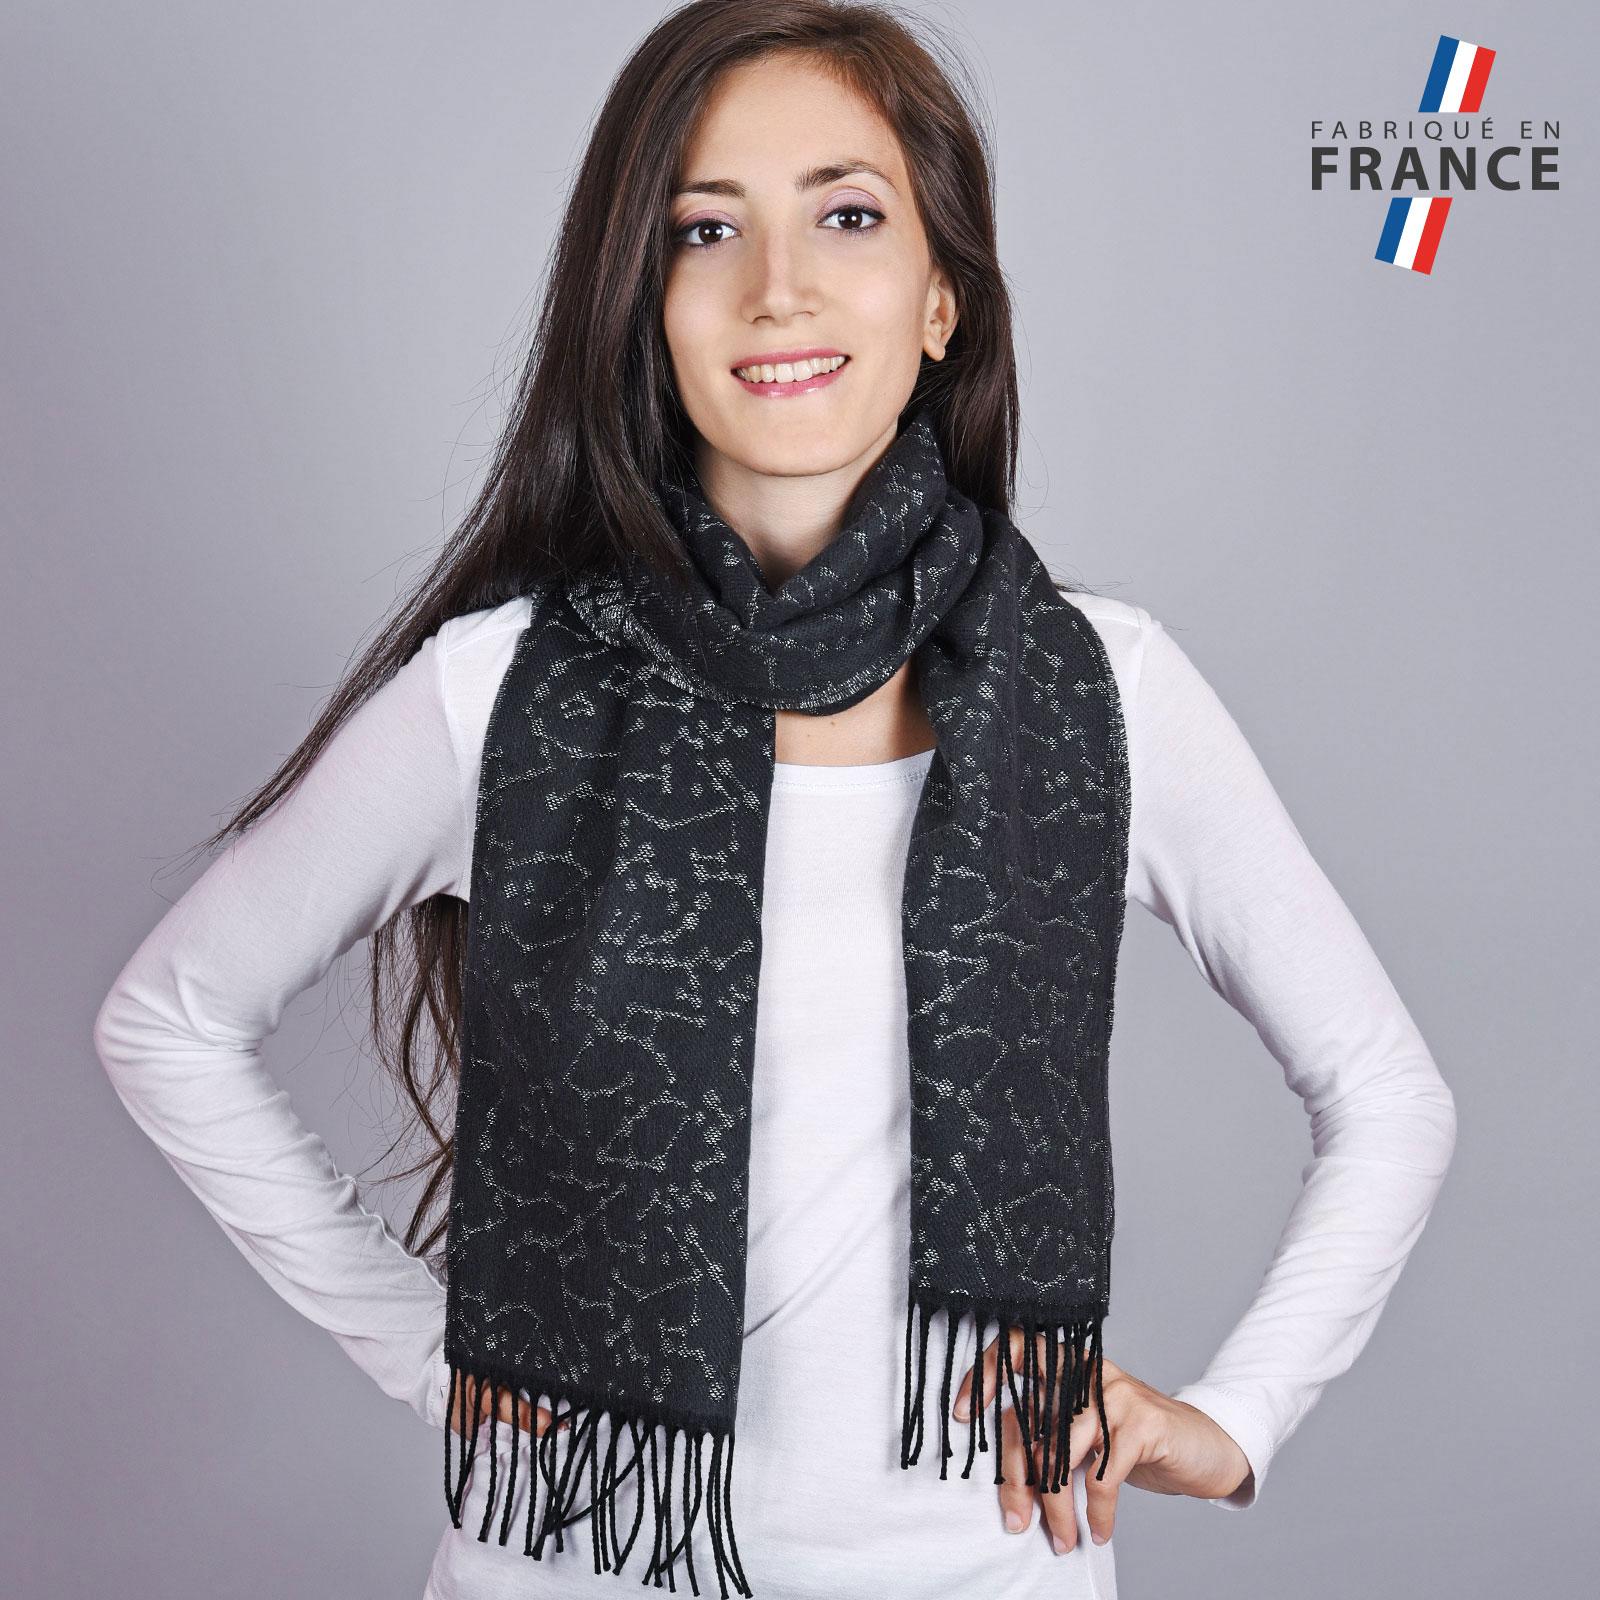 bea54c0c2fc Accessoires mode fabriqués en France